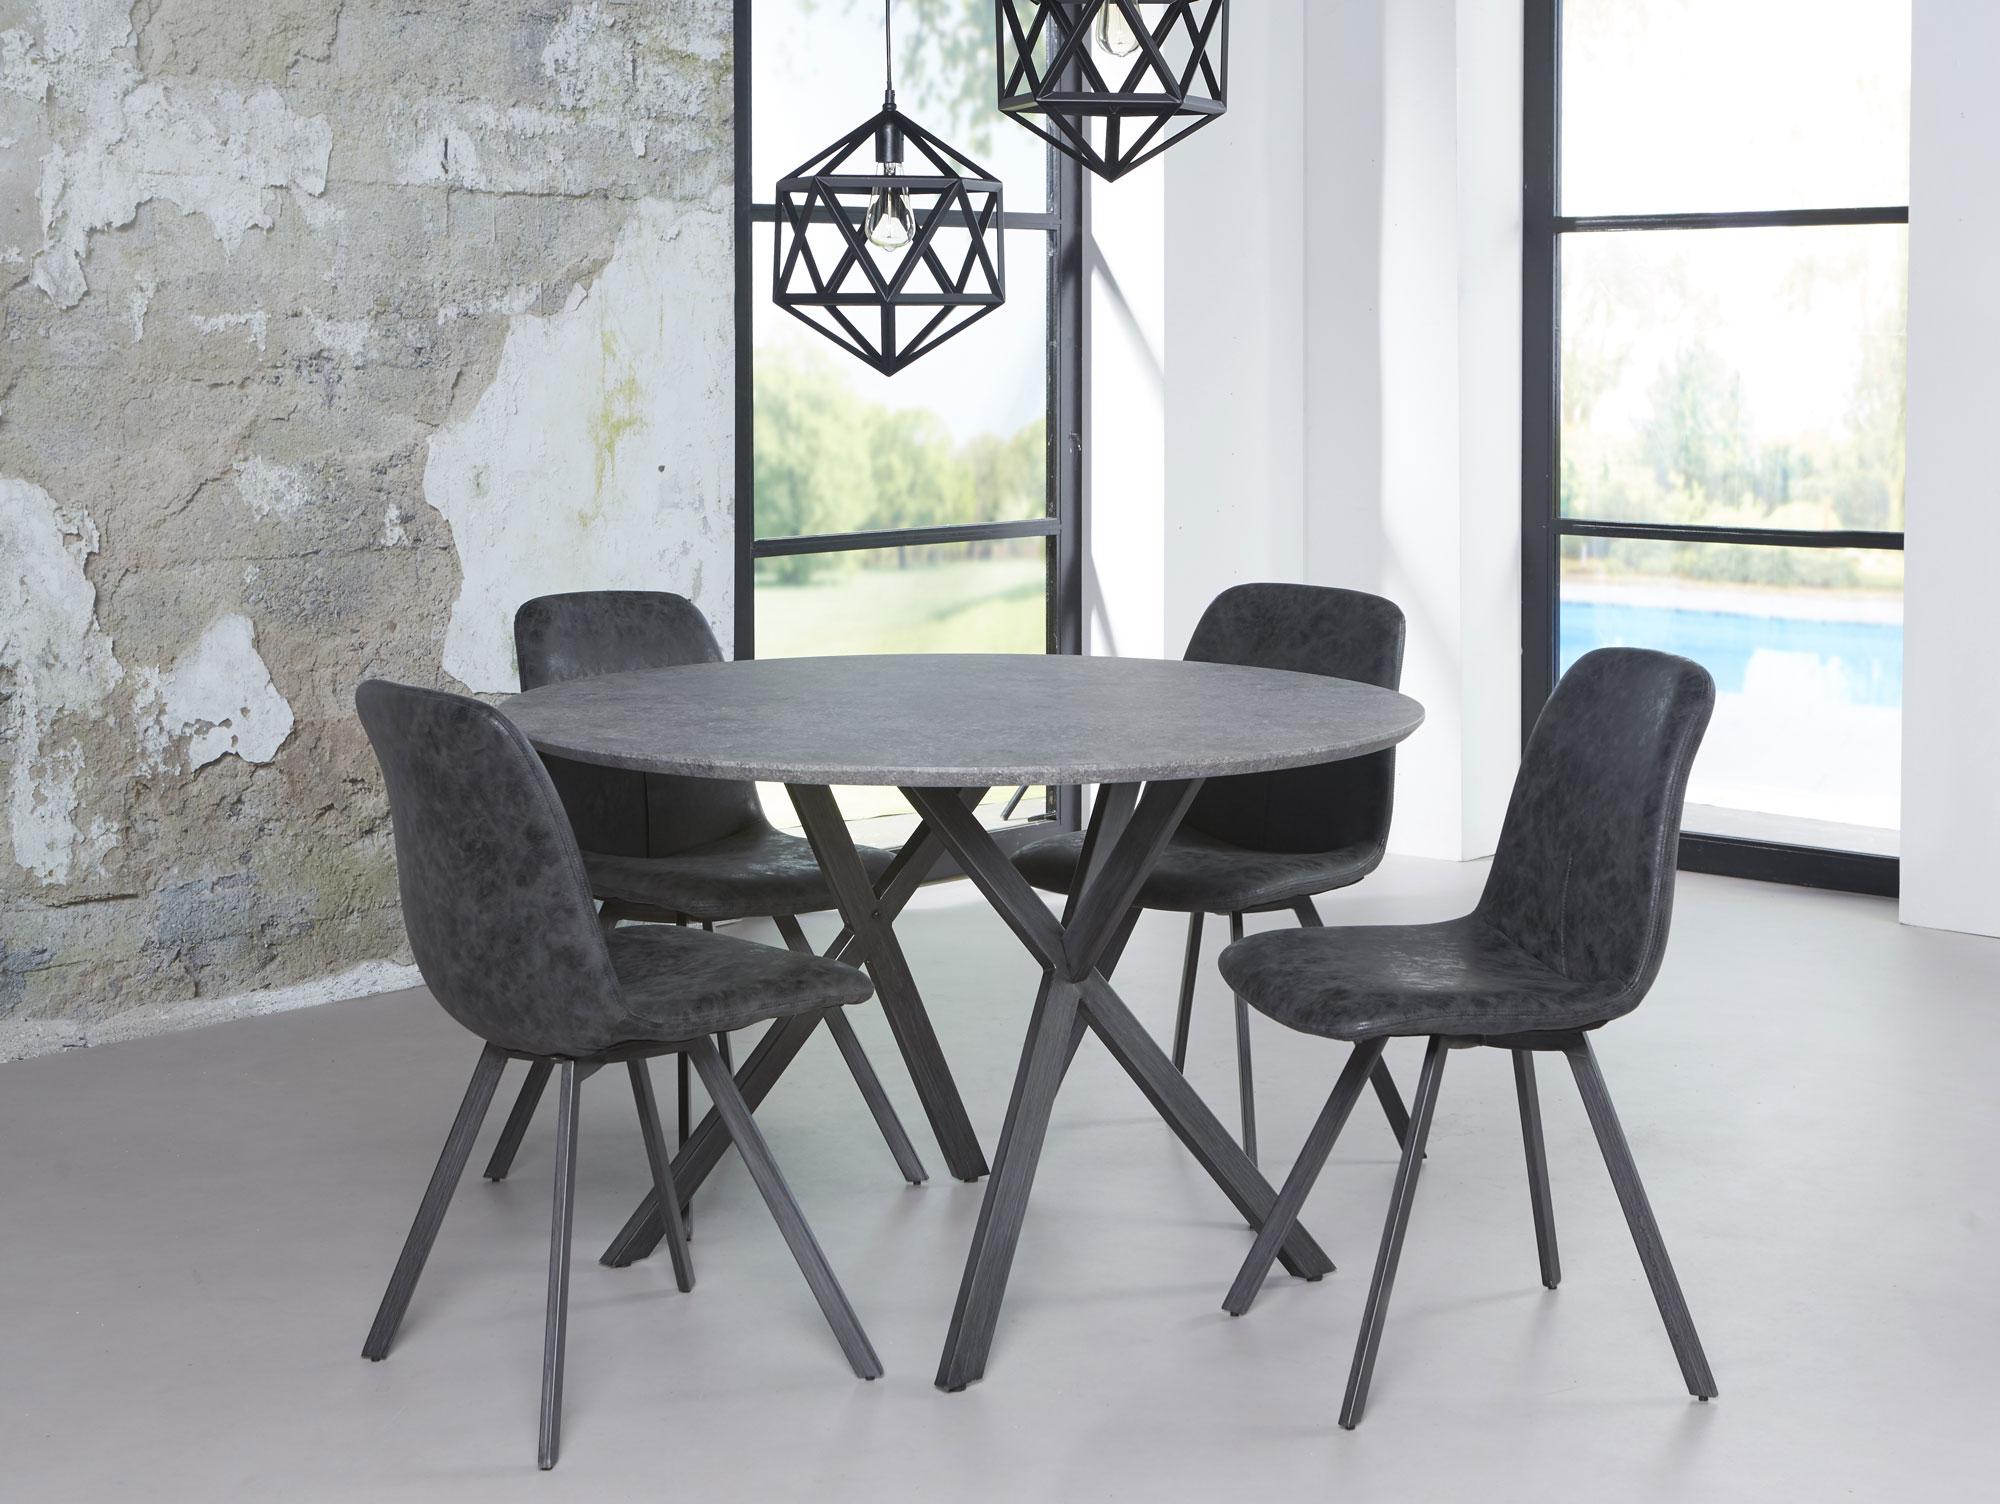 julian runder esstisch esszimmertisch tisch 120 cm beton dekor gestell schwarz ebay. Black Bedroom Furniture Sets. Home Design Ideas